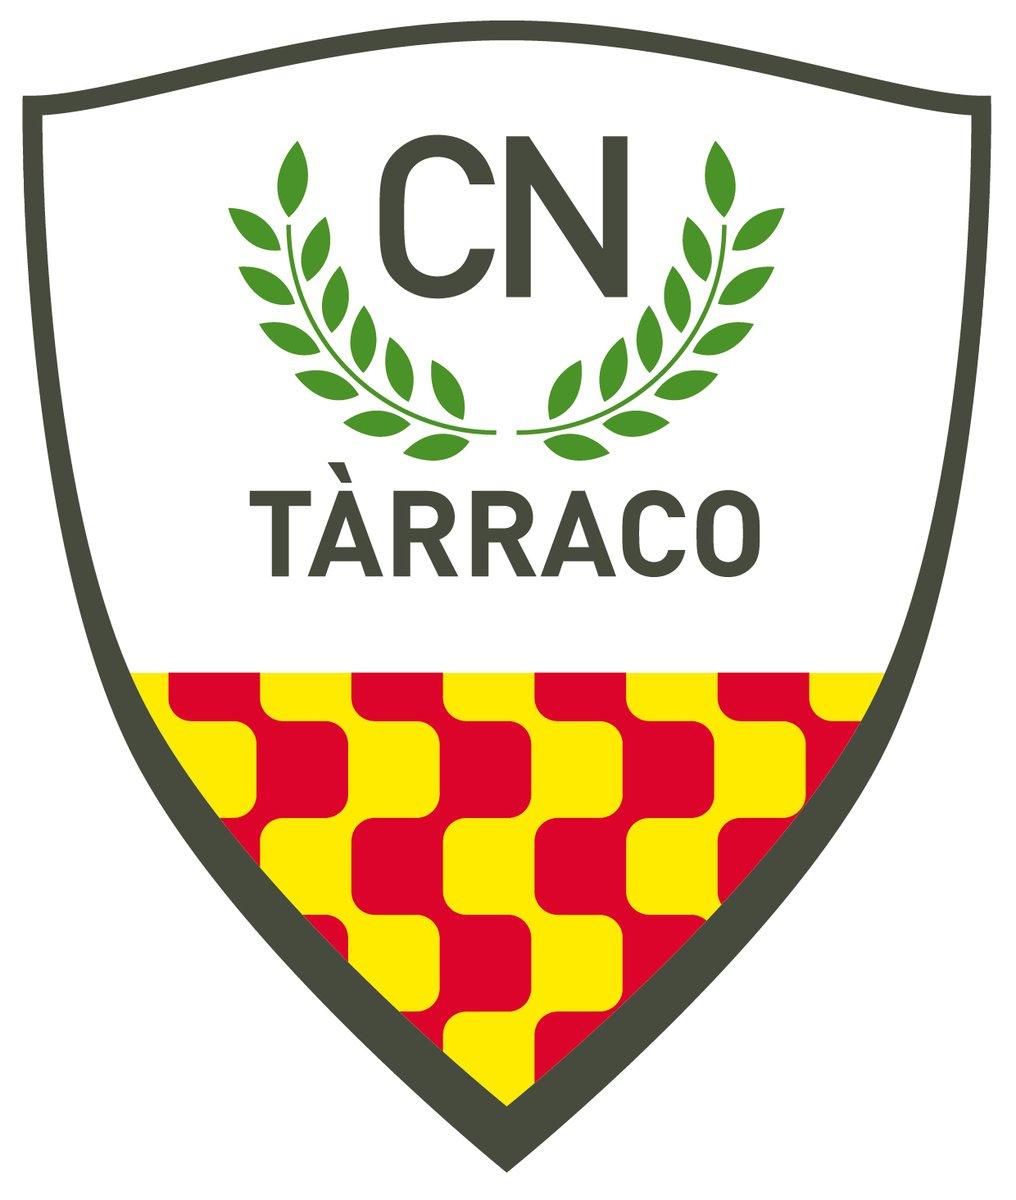 🔴 AVÍS ALS SOCIS: El proper dimecres 23 de setembre, Santa Tecla, el Club romandrà TANCAT. #cntarraco #santatecla2020 https://t.co/dkid2is5i6